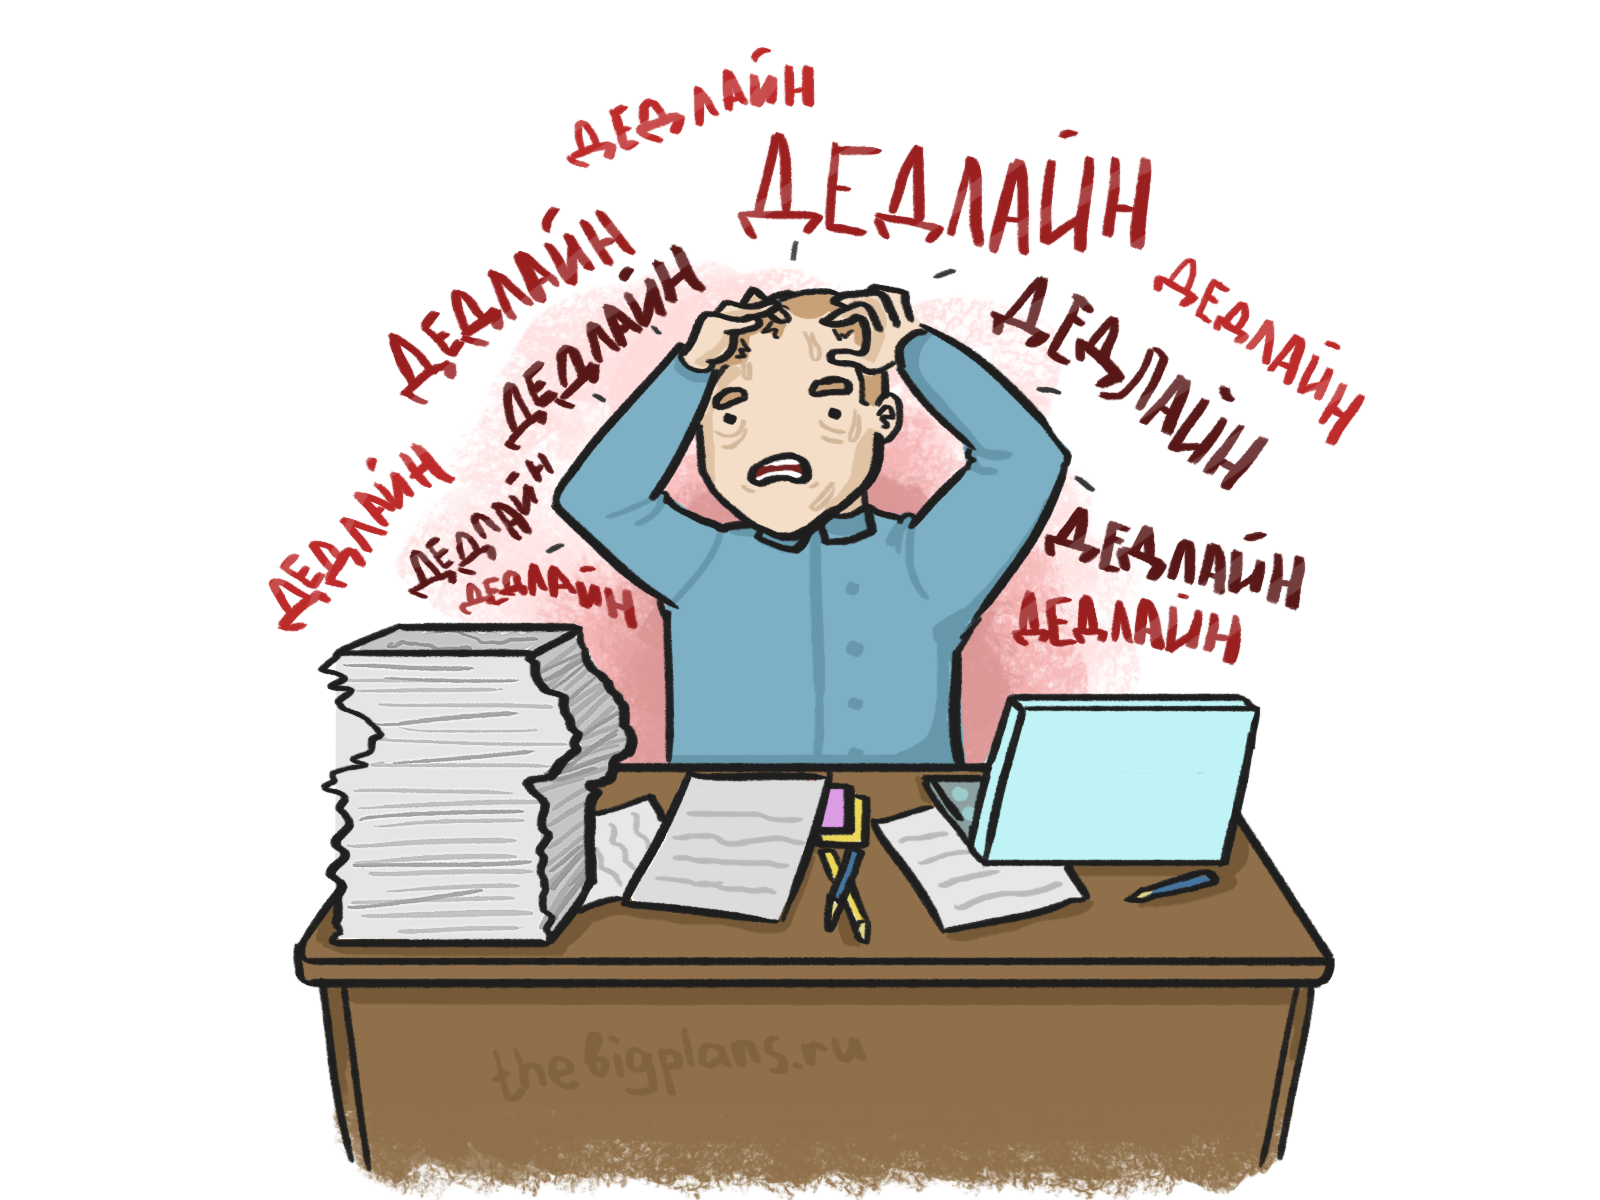 Как пишется дедлайн на английском. что такое дедлайн, и как научиться его соблюдать? дедлайны в разных сферах деятельности